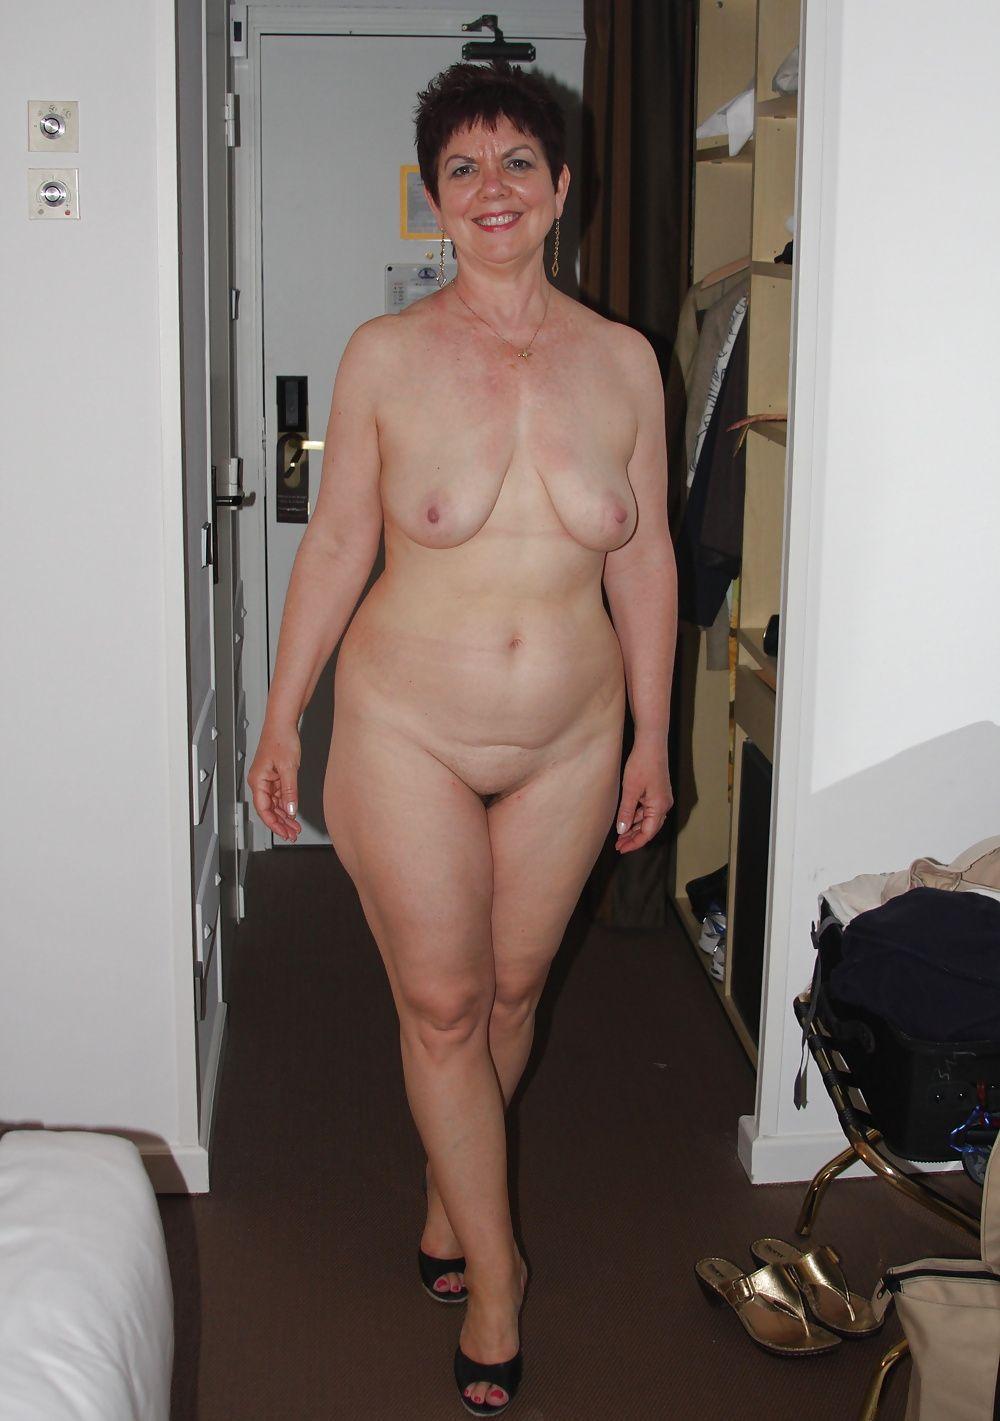 Small chubby sluts